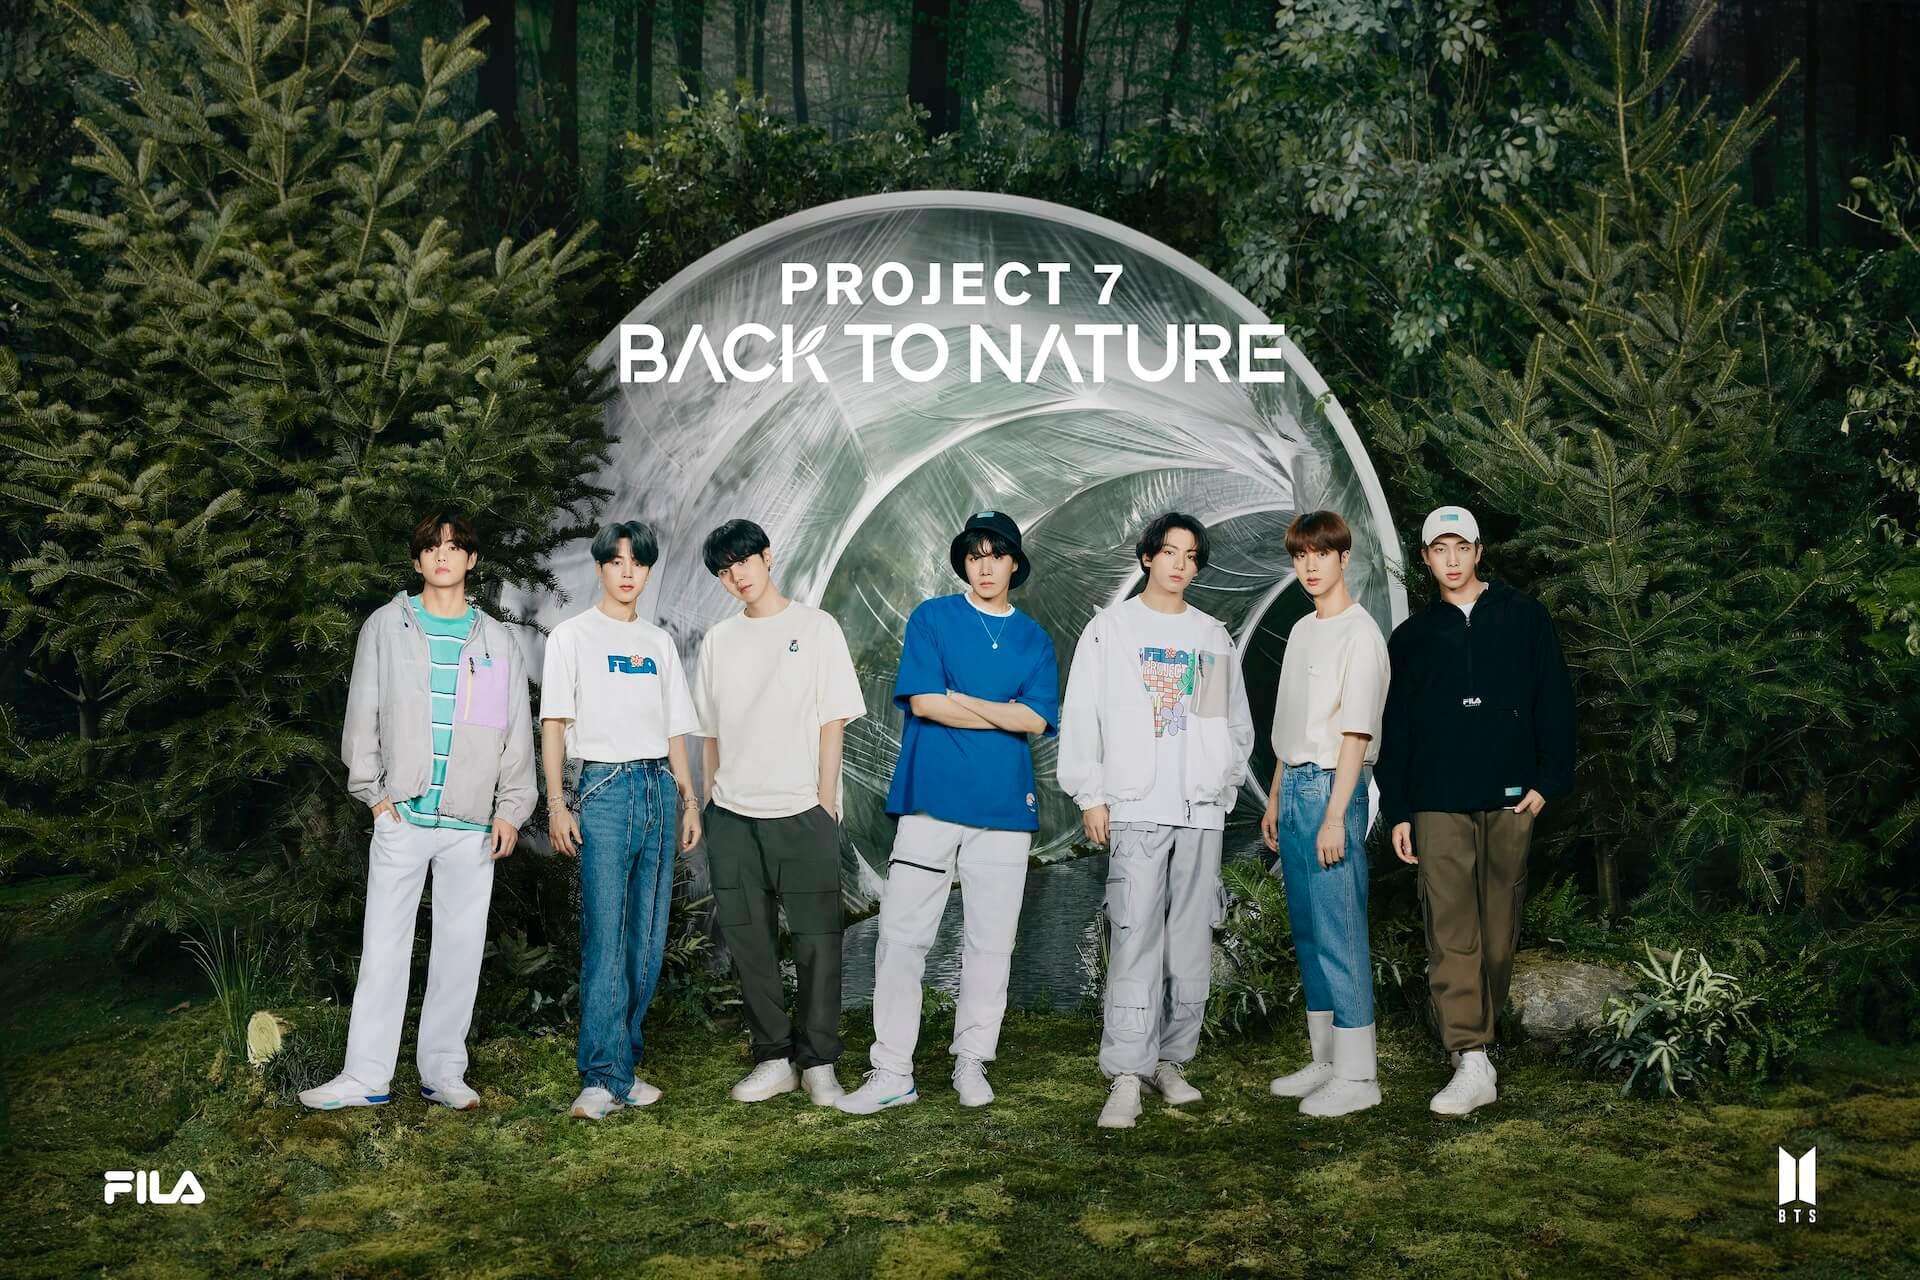 BTSも着用で話題の21SSカプセルコレクション「FILA 21SS project 7 −back to nature−」 が販売開始! fashion210512-fila-bts-210512_1